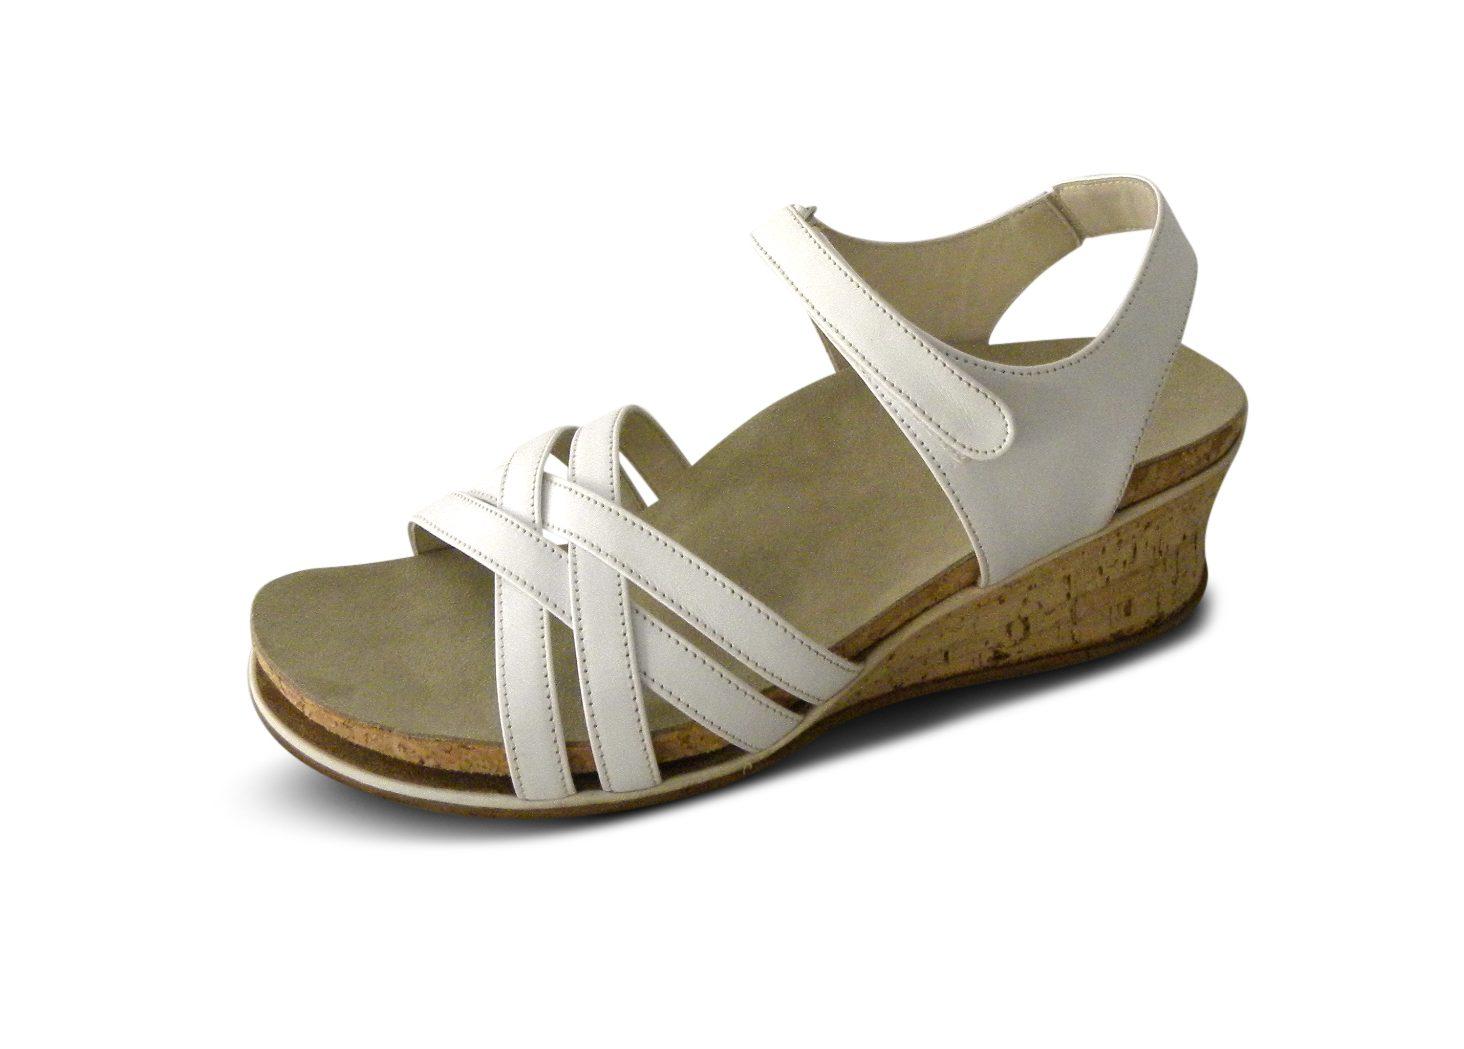 Sandale mit Fußbett und sommerlichem Korkabsatz